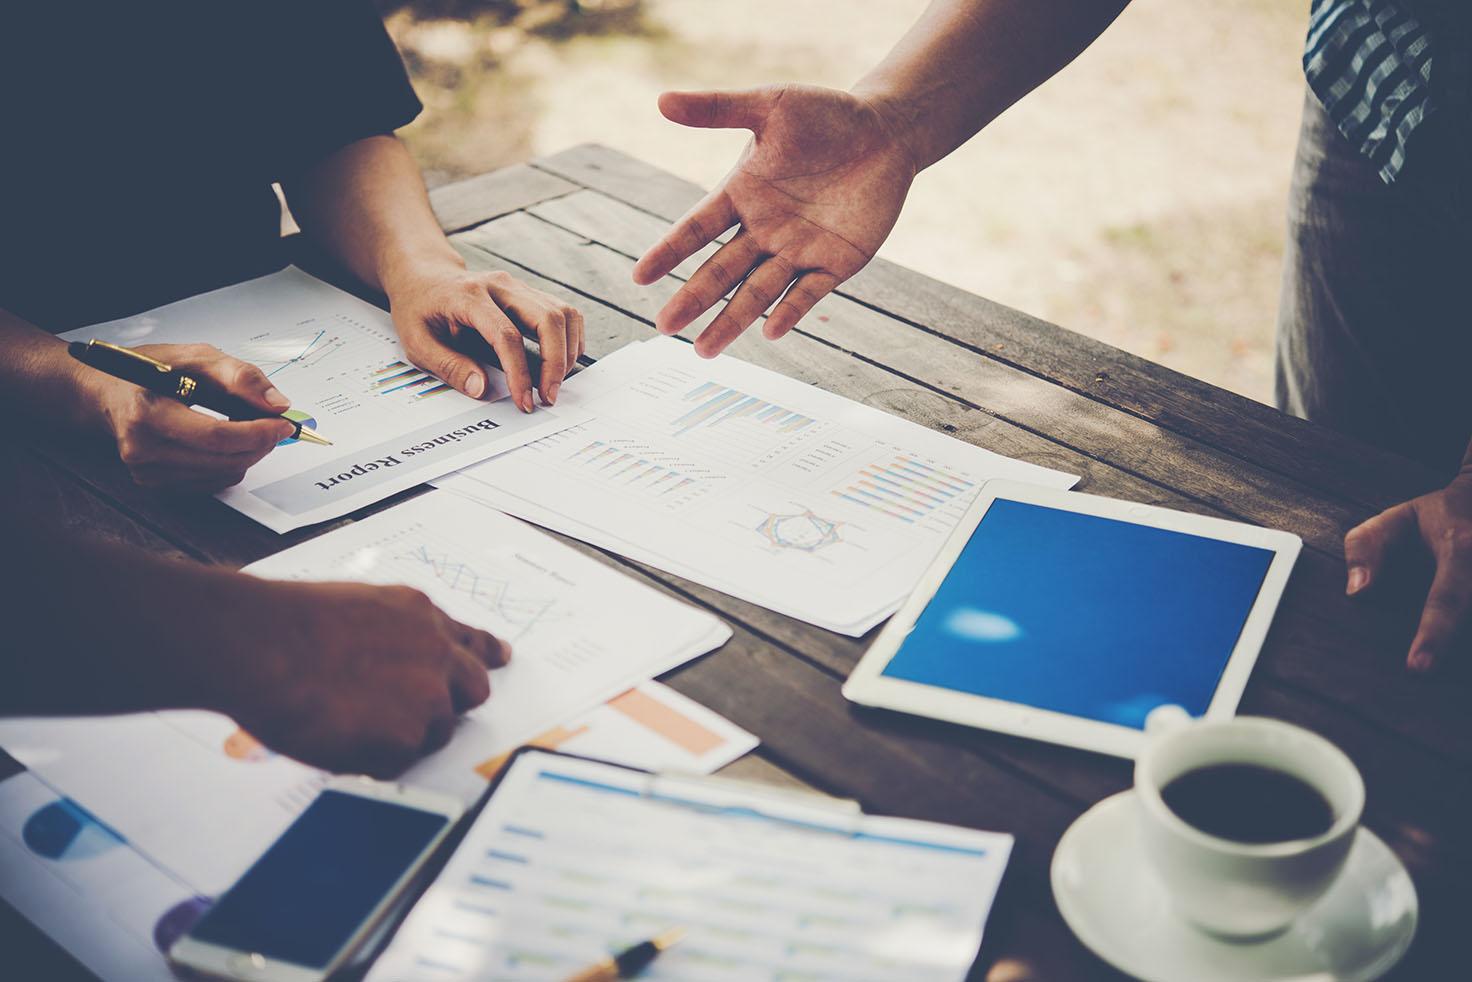 ¿Conoces las herramientas que intervienen en el desarrollo del Marketing Digital?